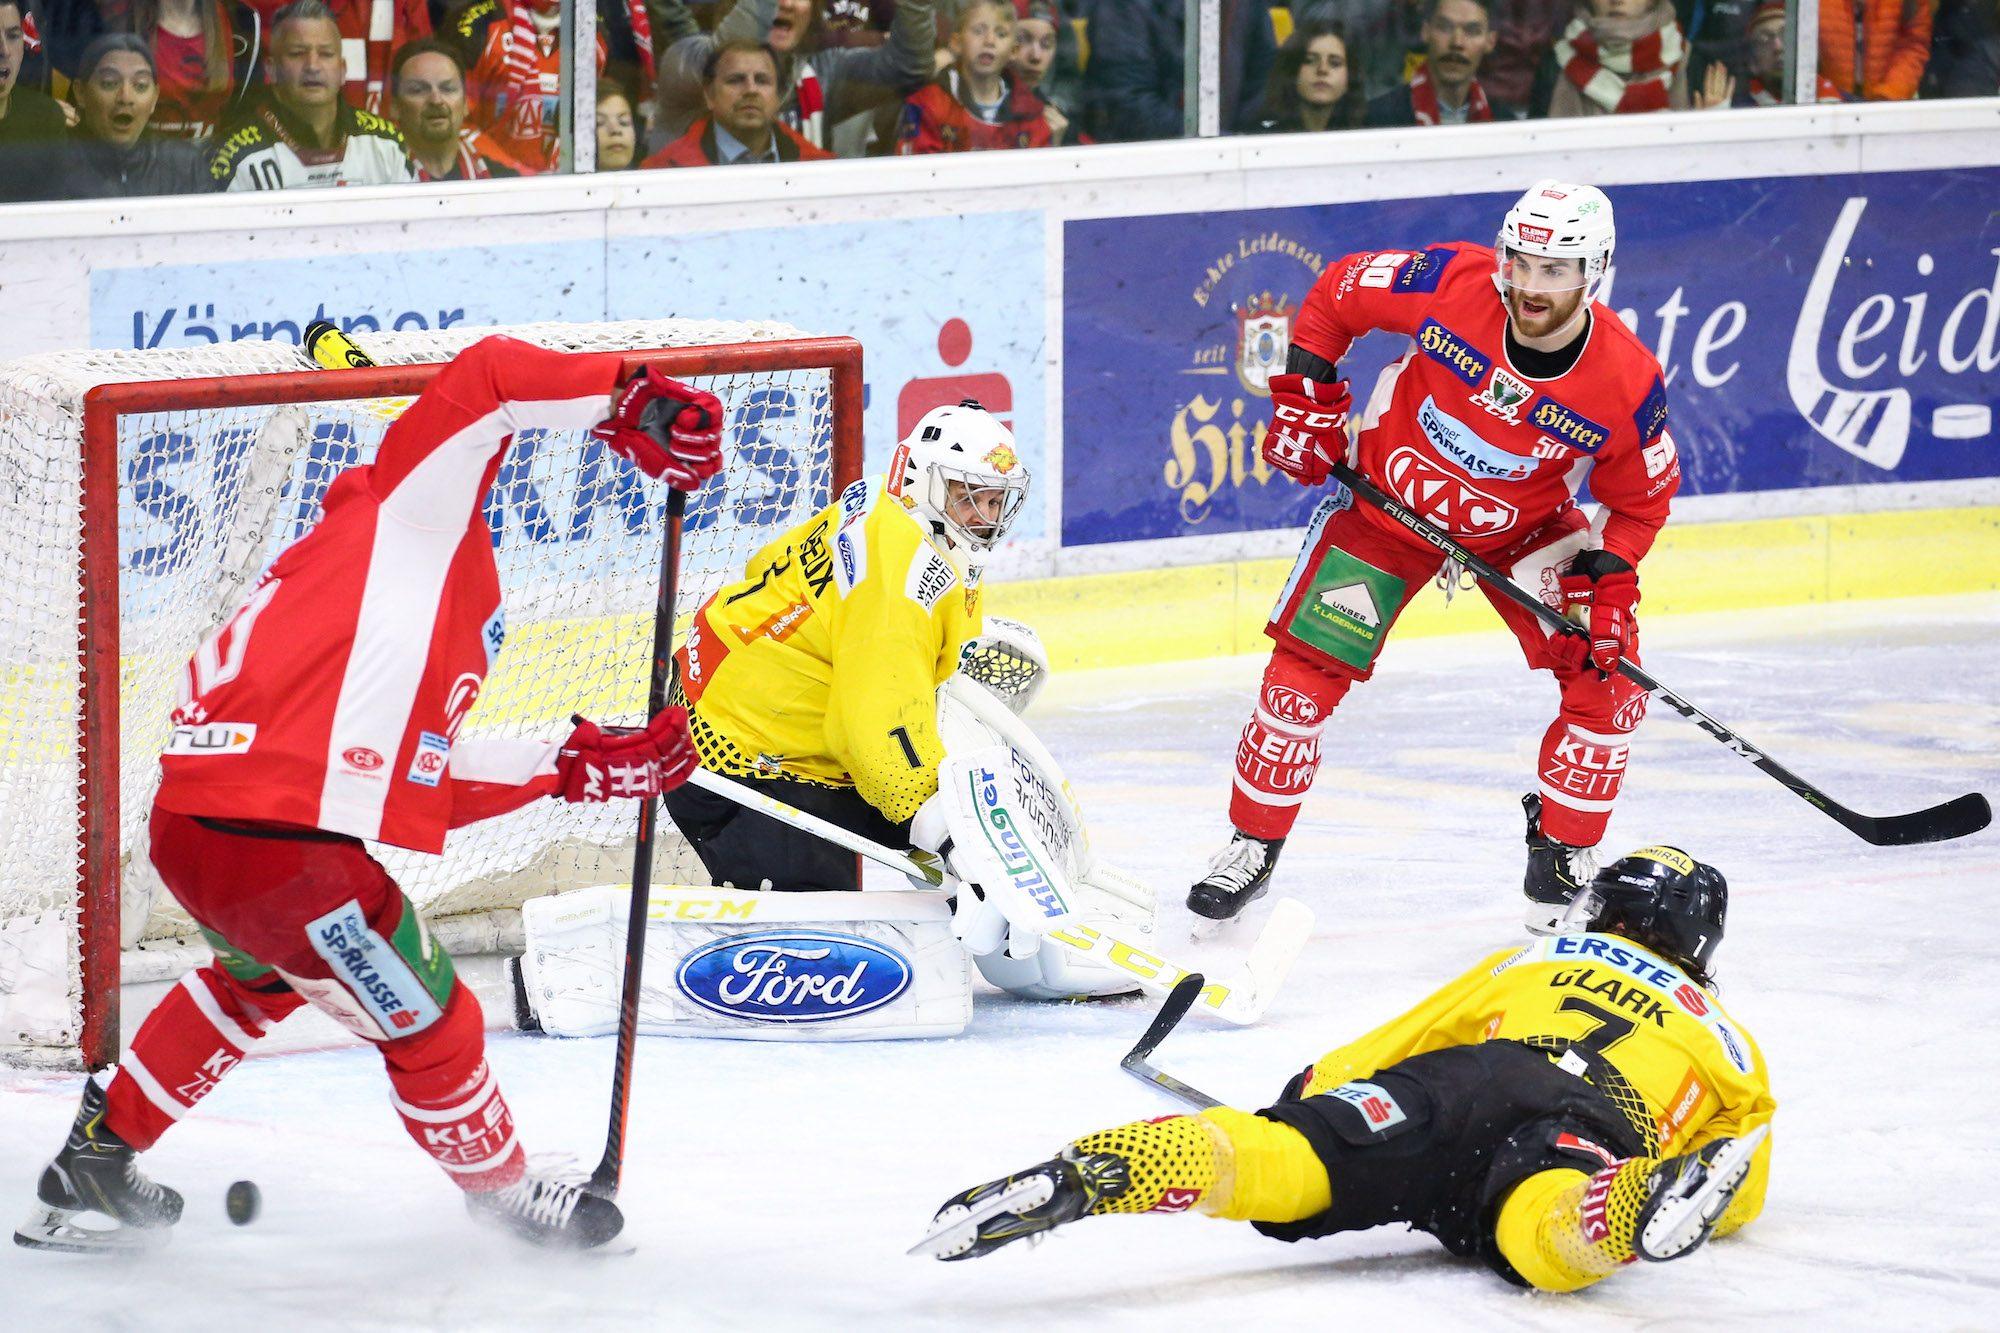 KAC vs. VIC: Alle Tore